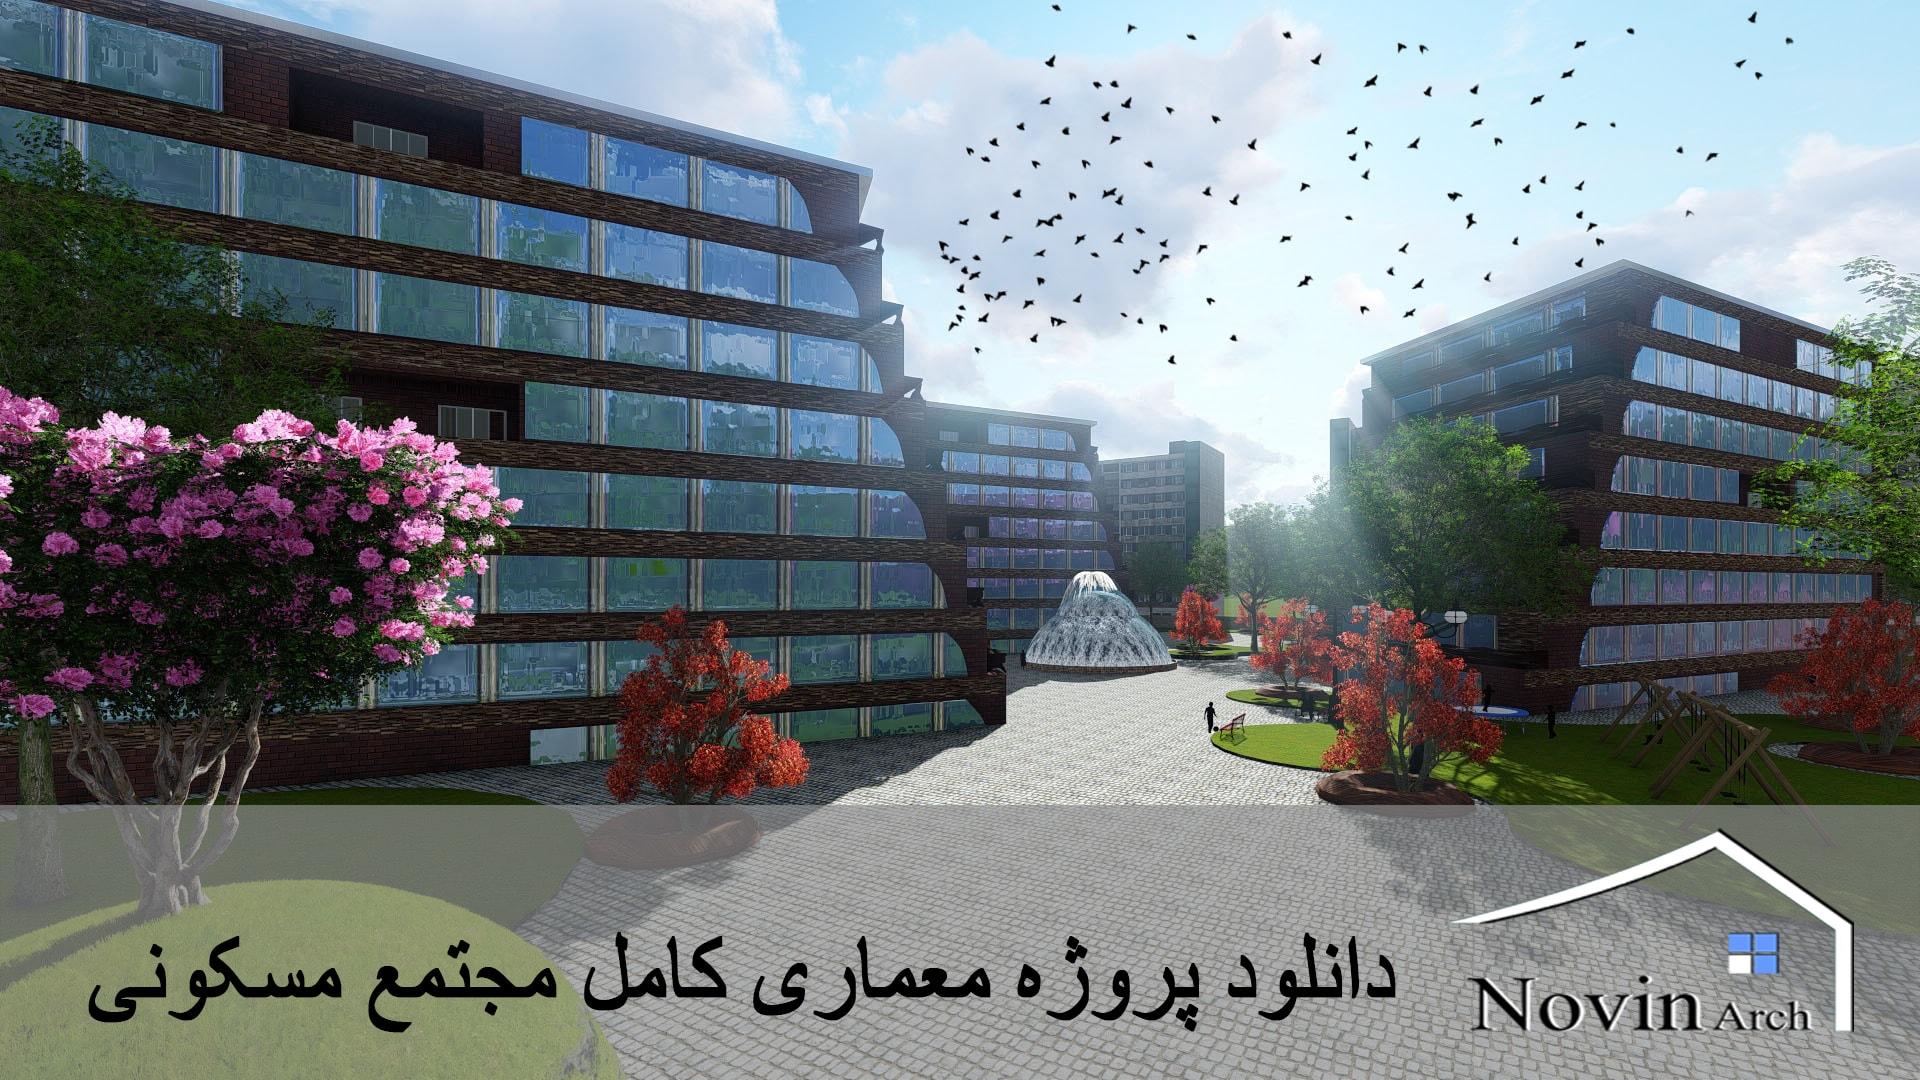 پروژه معماری کامل مجتمع مسکونی